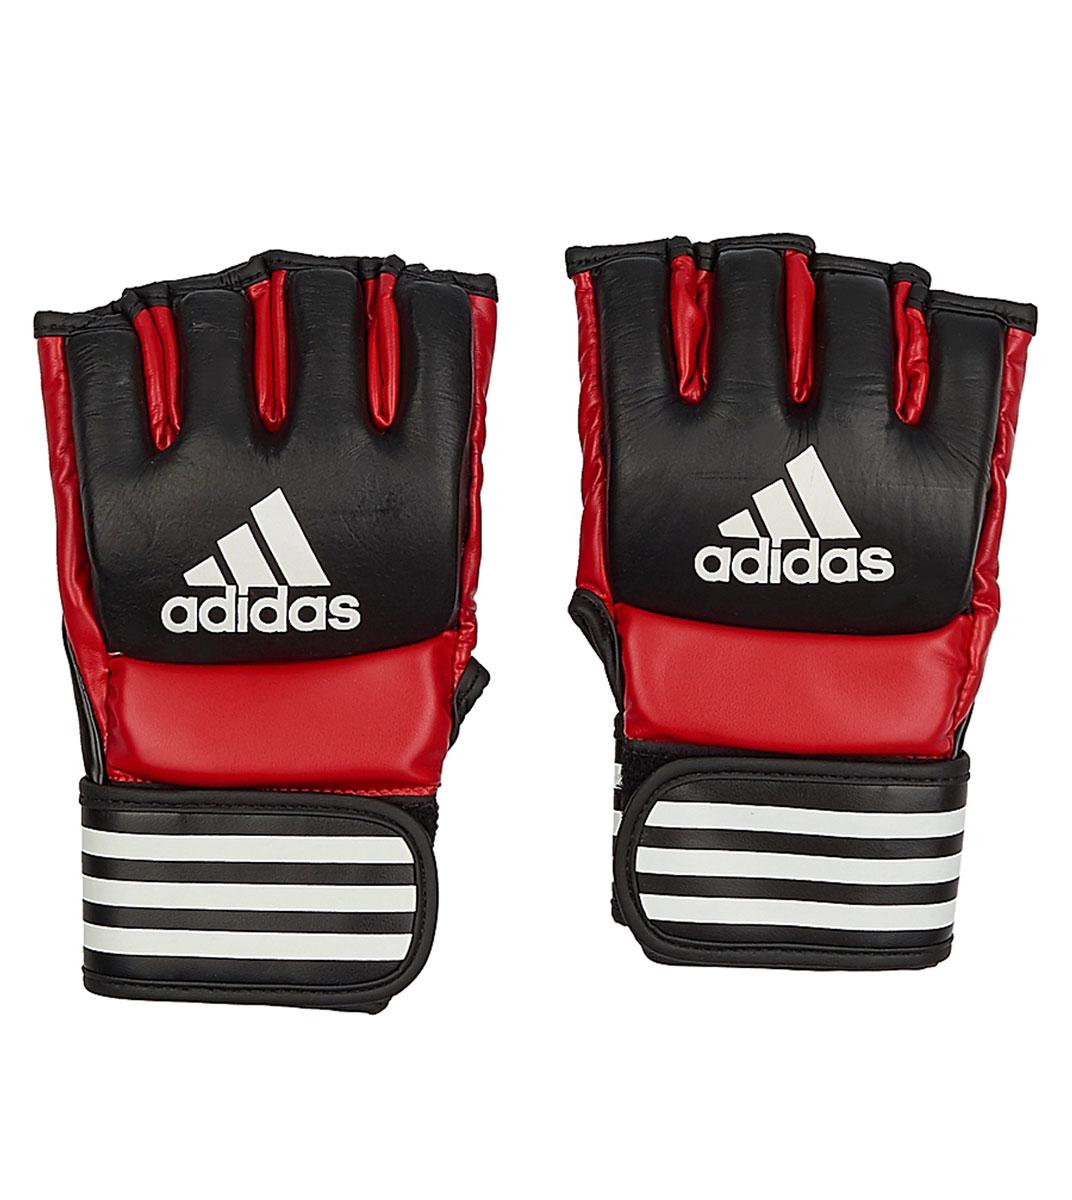 Перчатки для смешанных единоборств Adidas Ultimate Fight, цвет: черный, красный. Размер XLAP02013Боевые перчатки Adidas Ultimate Fight предназначены для занятий смешанными единоборствами. Они изготовлены из натуральной воловьей кожи с черными вставками из вспененного полимера. Внутренняя часть выполнена с использованием технологии I-Comfort+, благодаря чему перчатки быстро высыхают, не скользят по руке и не вызывают аллергии. Застежка на липучке способствует быстрому и удобному одеванию перчаток, плотно фиксирует перчатки на руке. Одобрены UFC.